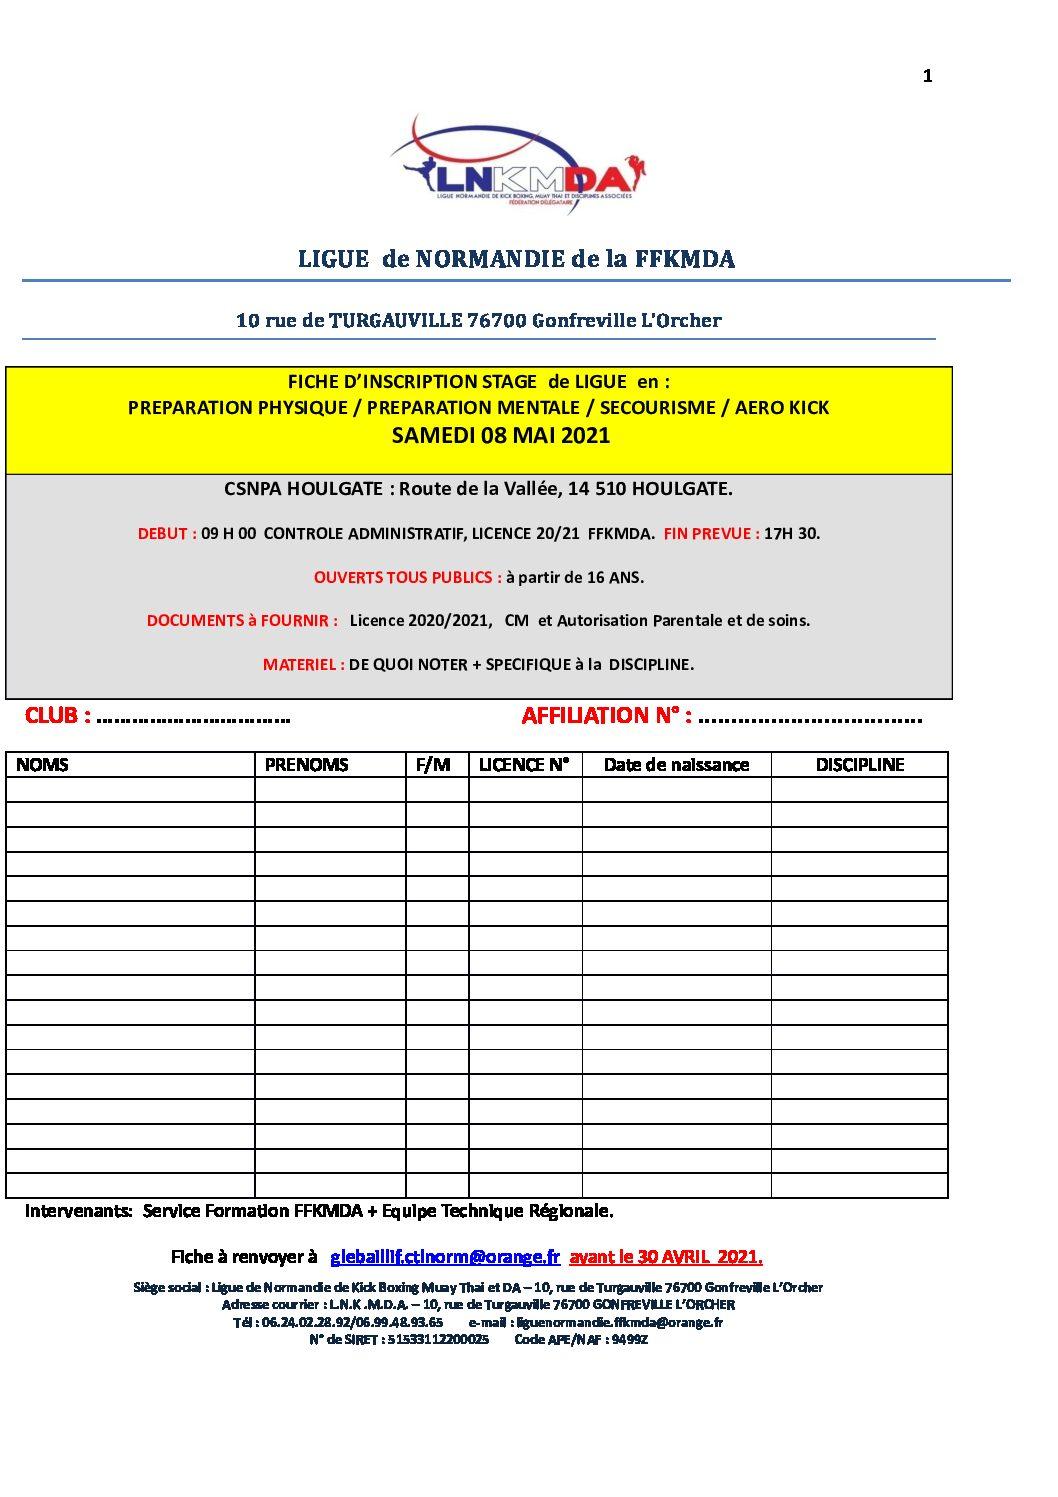 Stage gratuit de préparation physique, aérokick, secourisme, samedi 8 mai à Houlgate